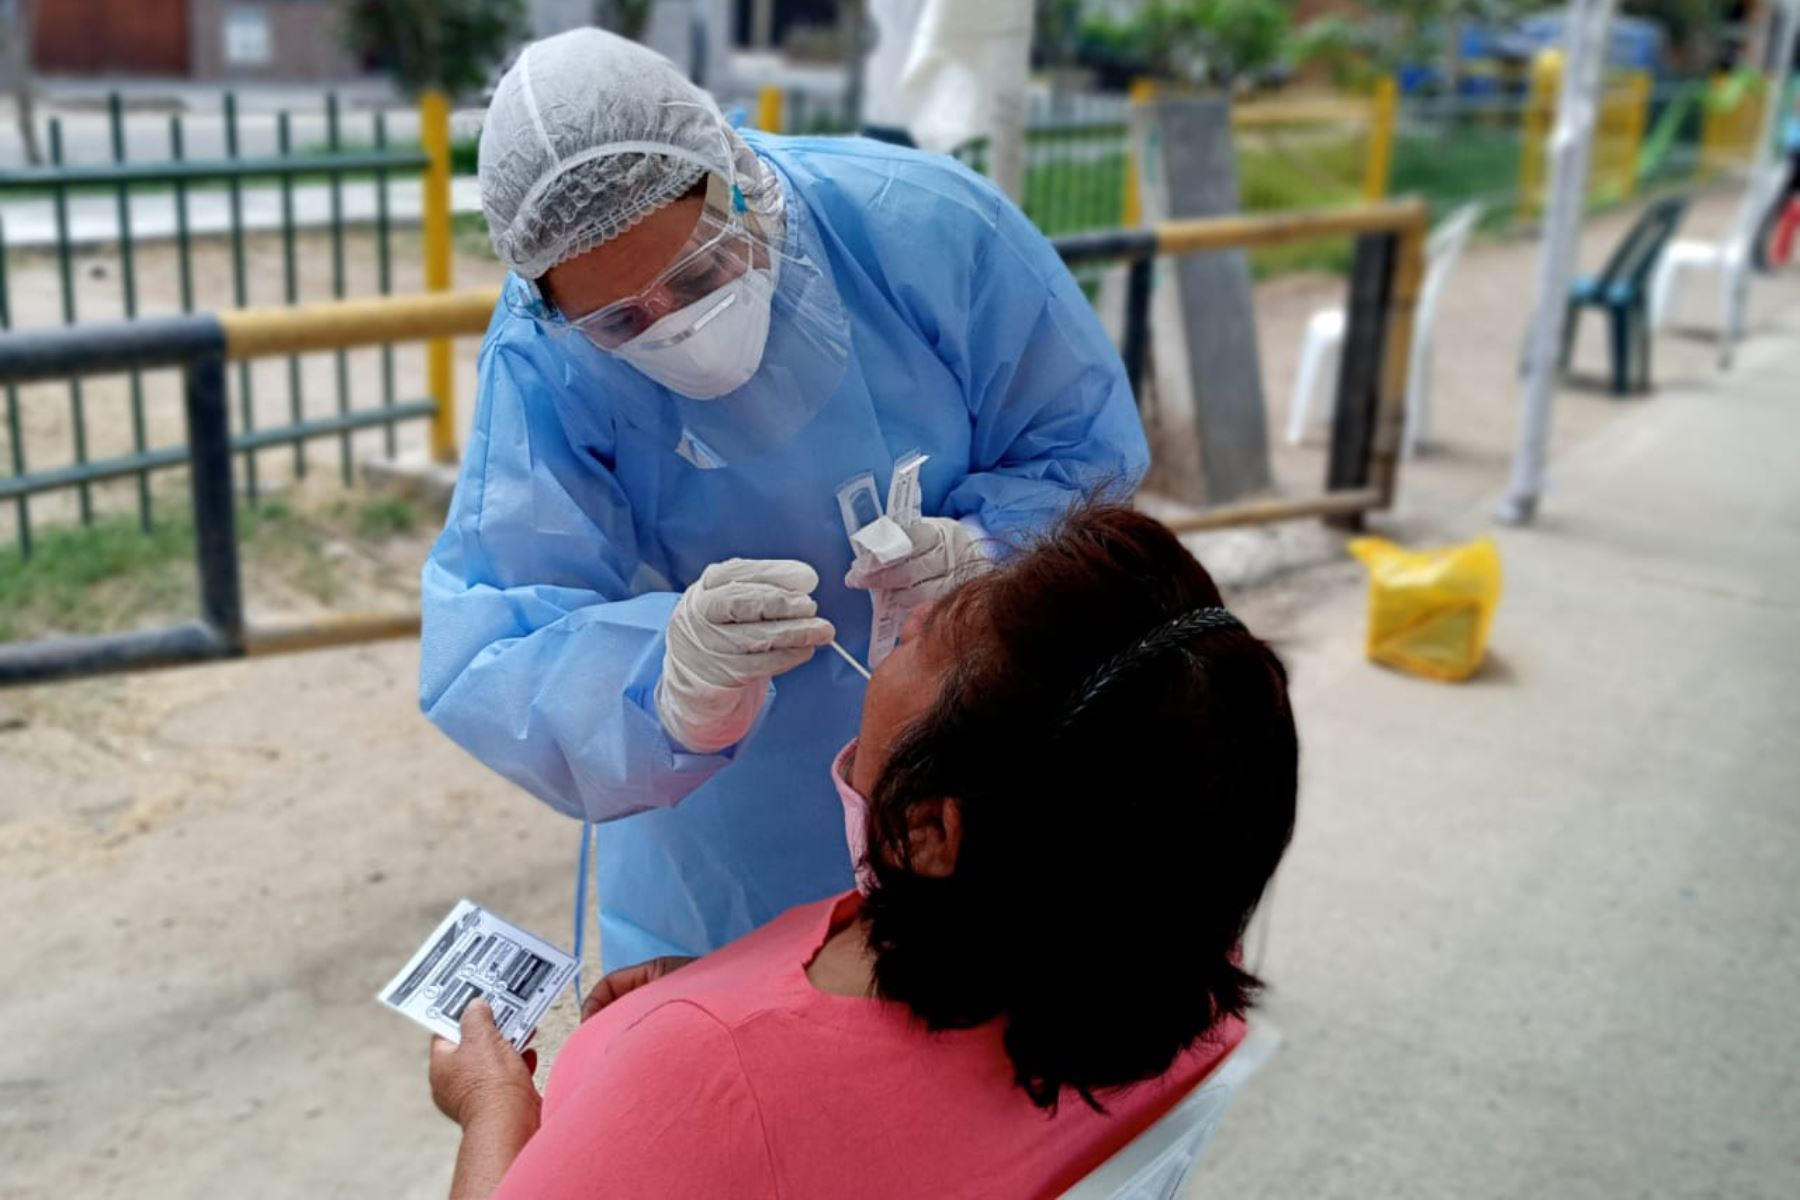 Más de 500 personas son evaluadas con pruebas moleculares para el descarte de COVID-19, en el Centro Rápido de Atención Temporal del Ministerio Salud instalado en Los Olivos. Foto:ANDINA/Minsa